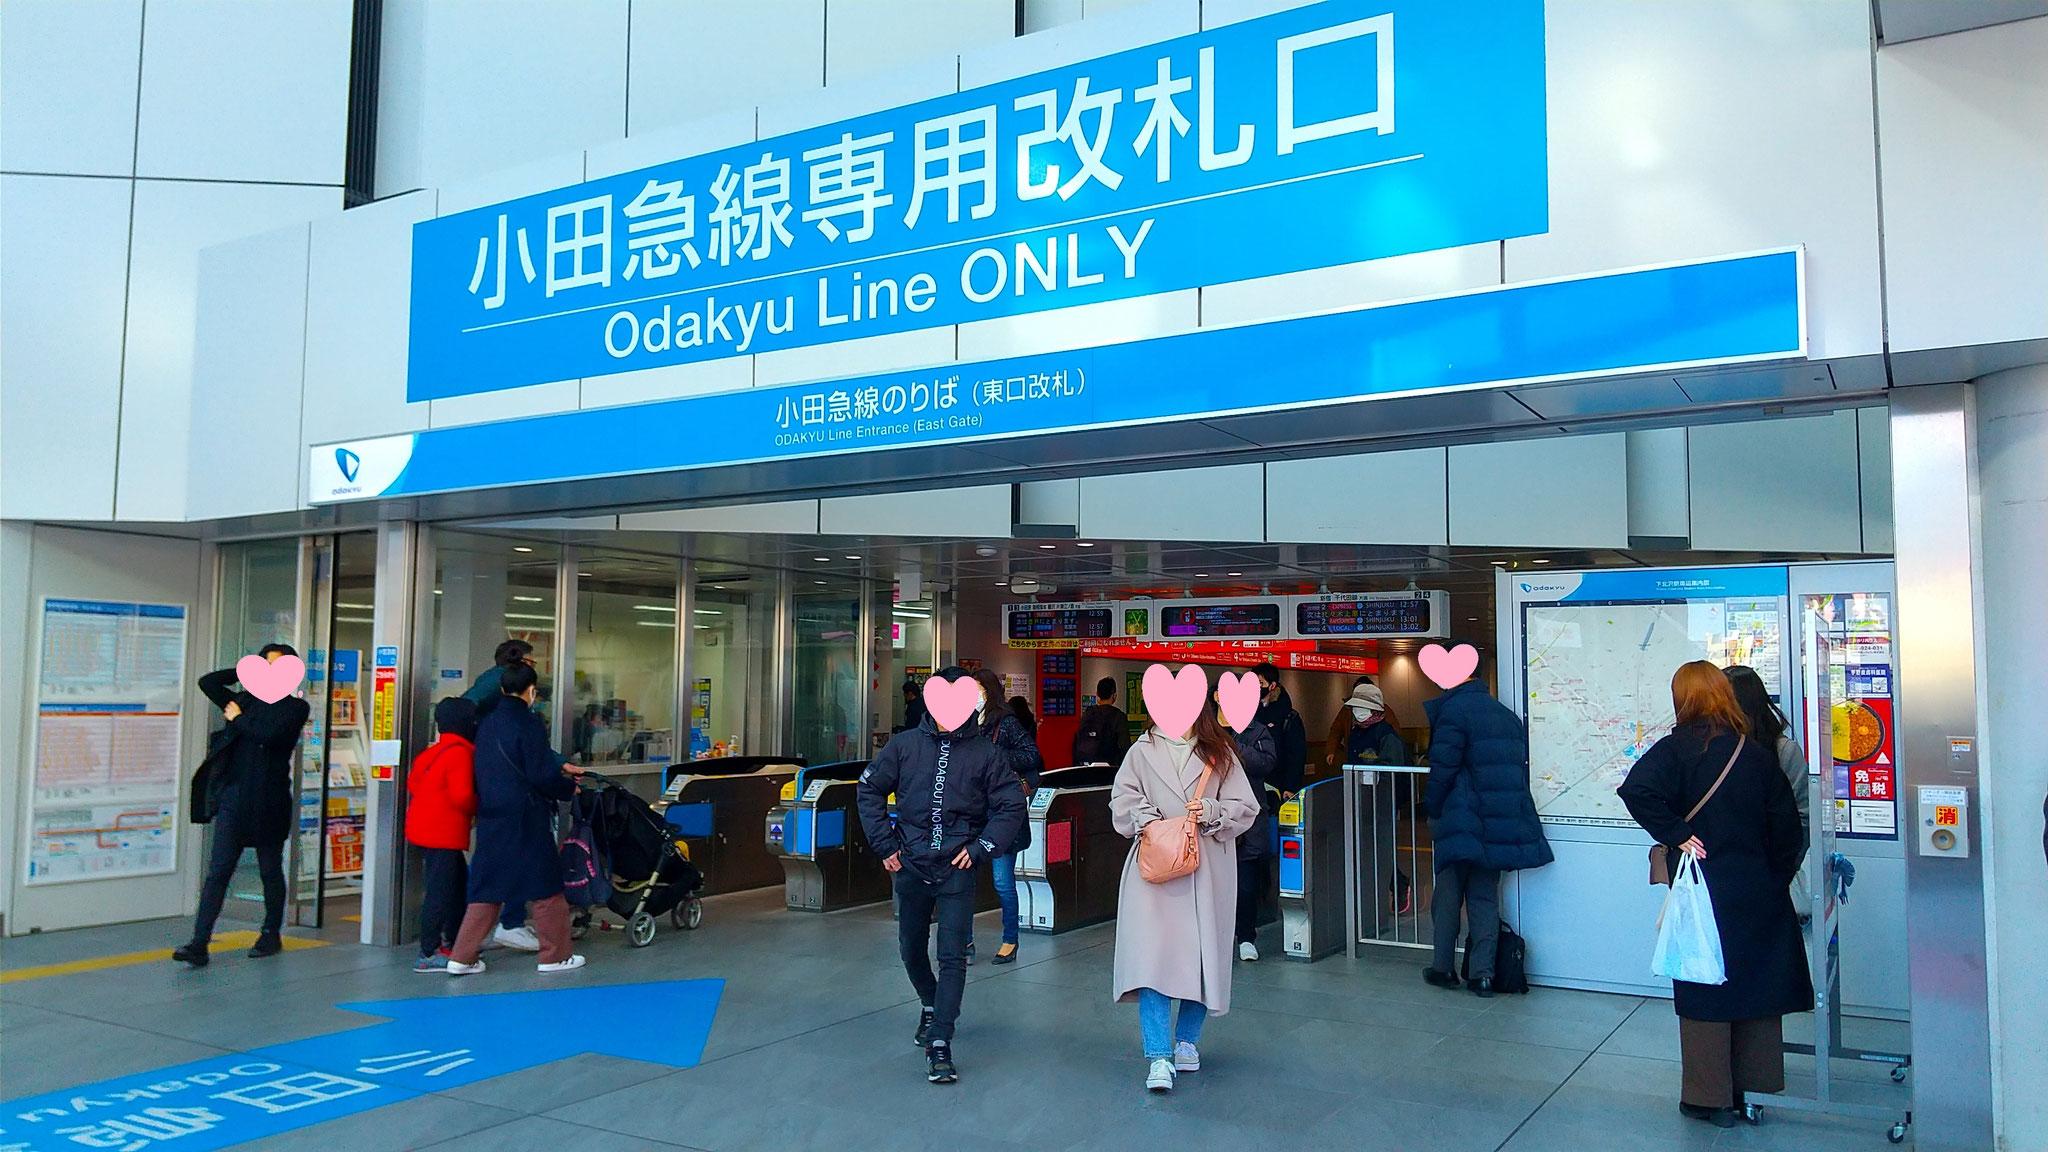 小田急線東口または